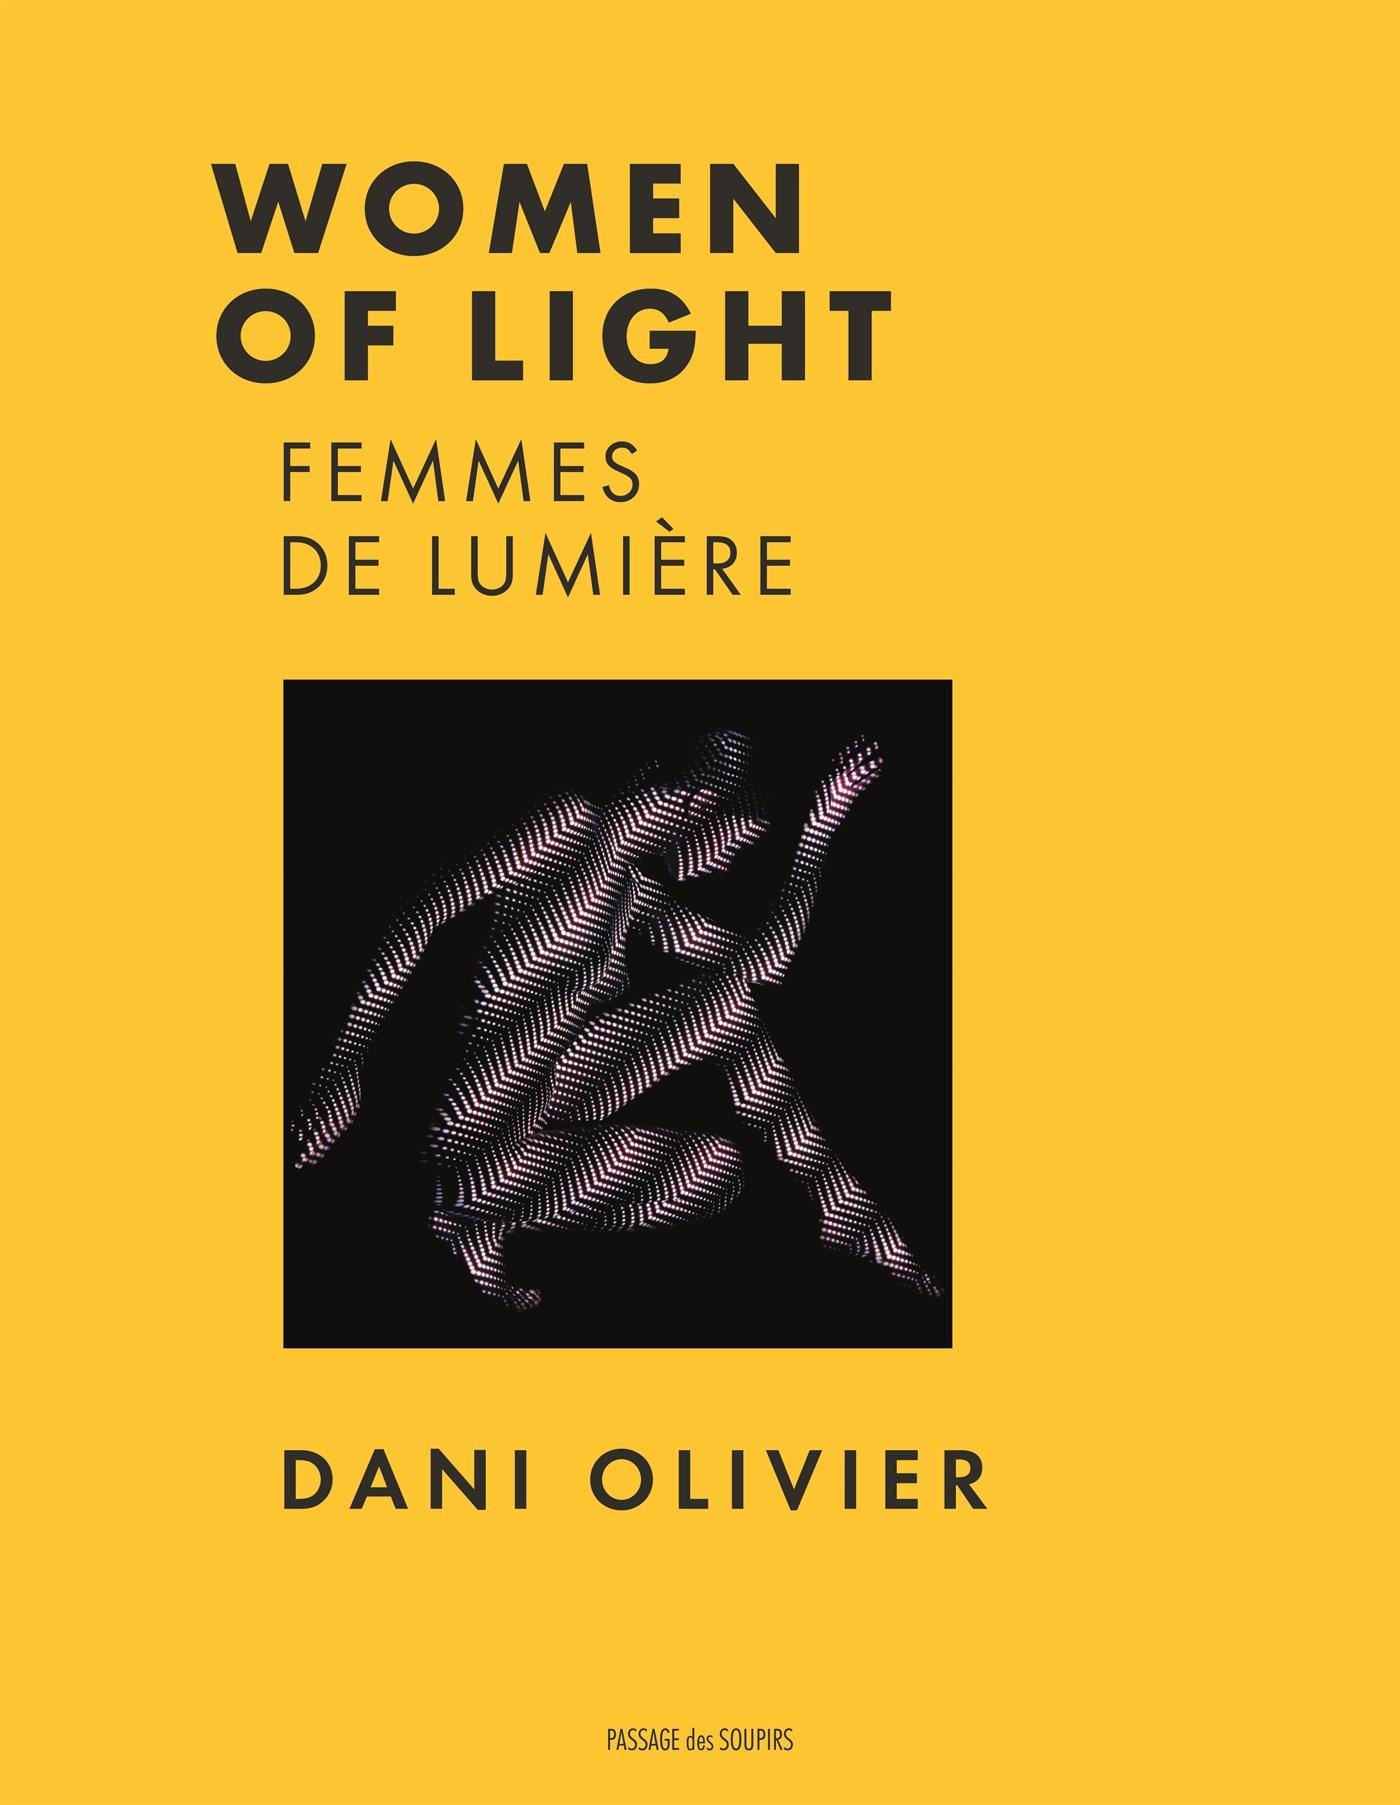 WOMEN OF LIGHT FEMMES DE LUMIERE